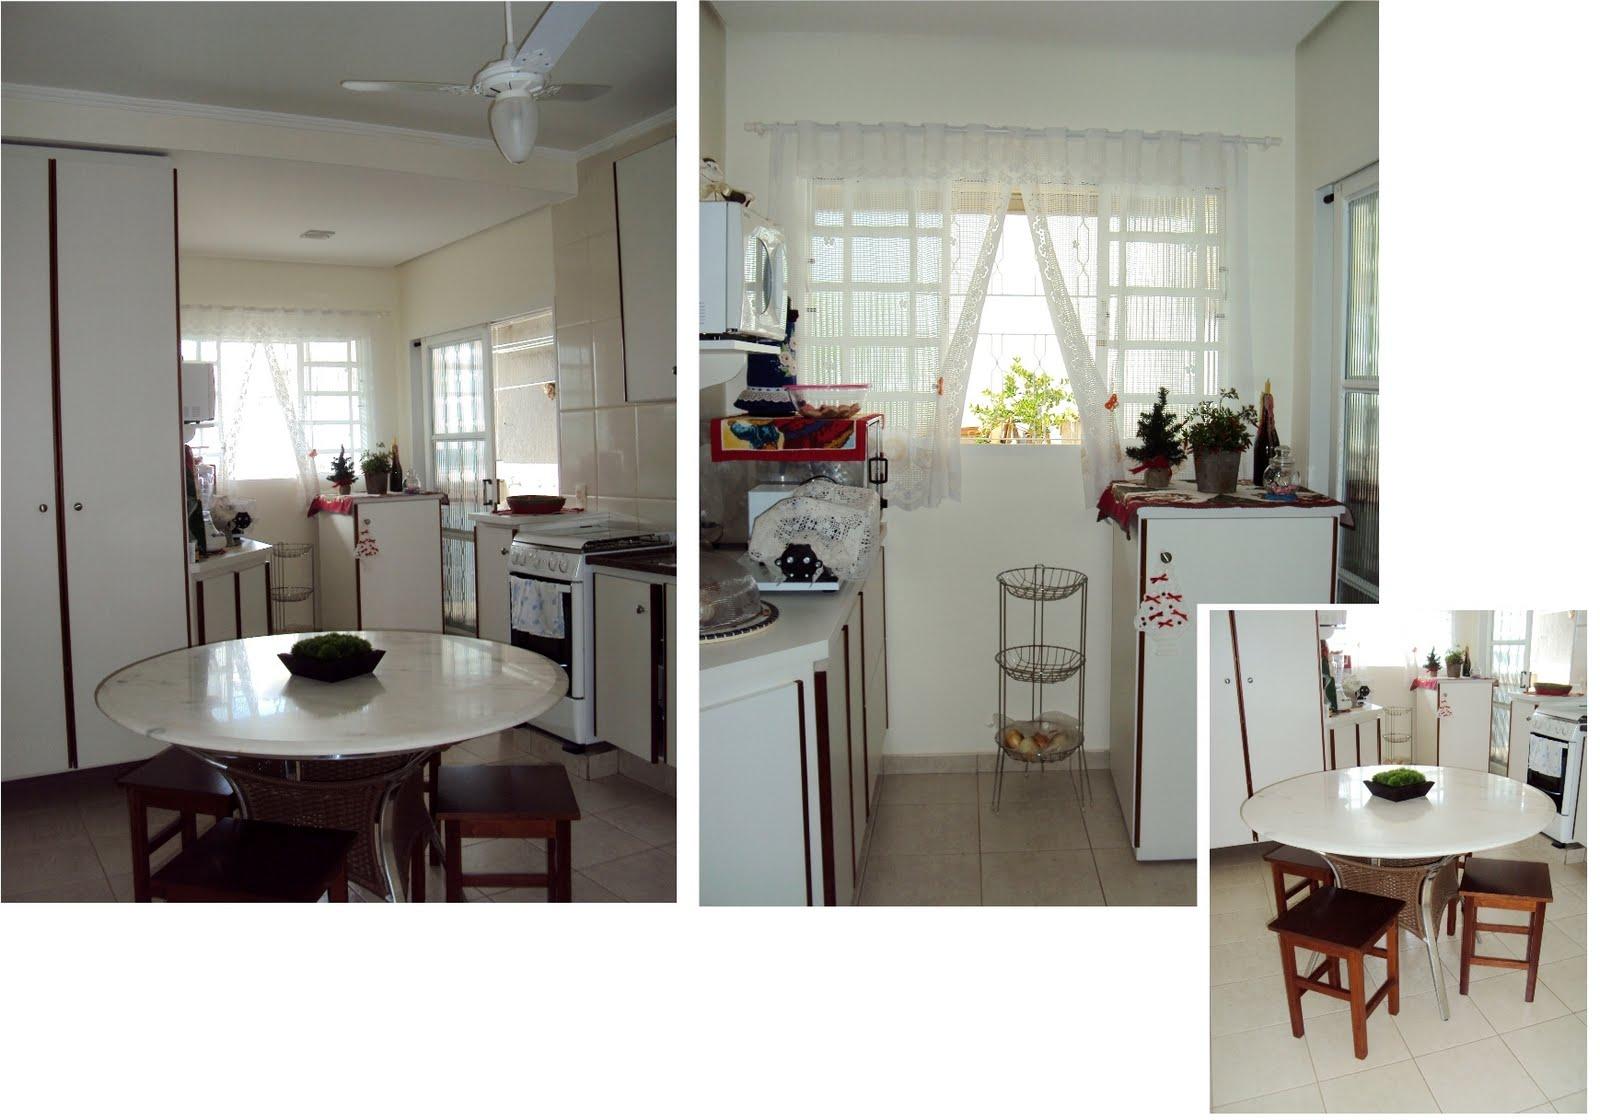 Marcia Schmidt: Reforma casa Inêz Schmidt cozinha #60473C 1600 1120